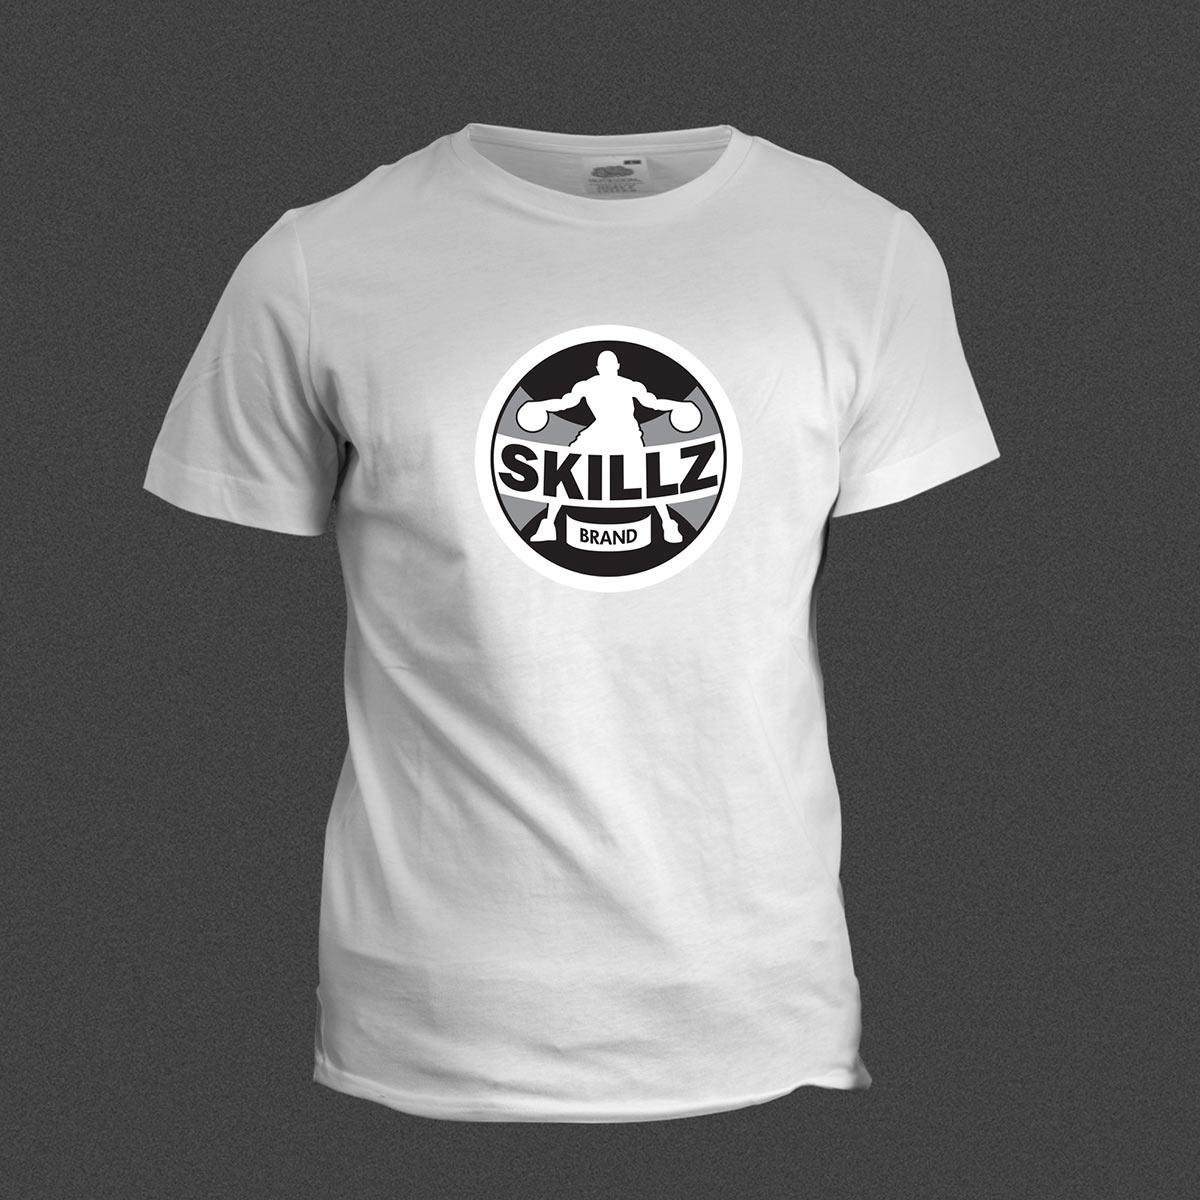 logo_skillz_brand_presentation07